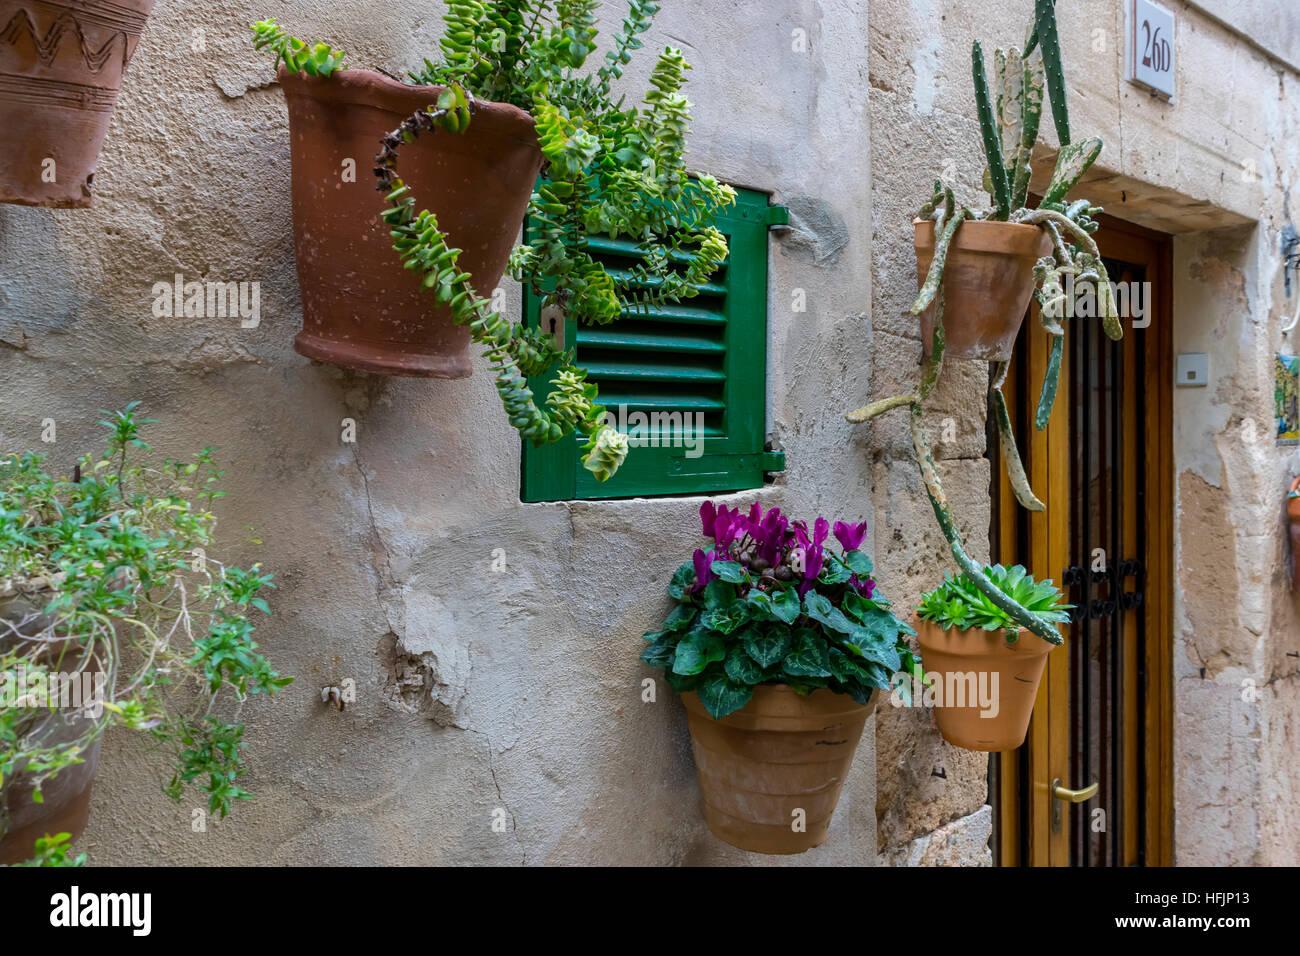 Accroche Au Mur Des Pots De Fleurs Dans La Ville De Valldemosa Dans